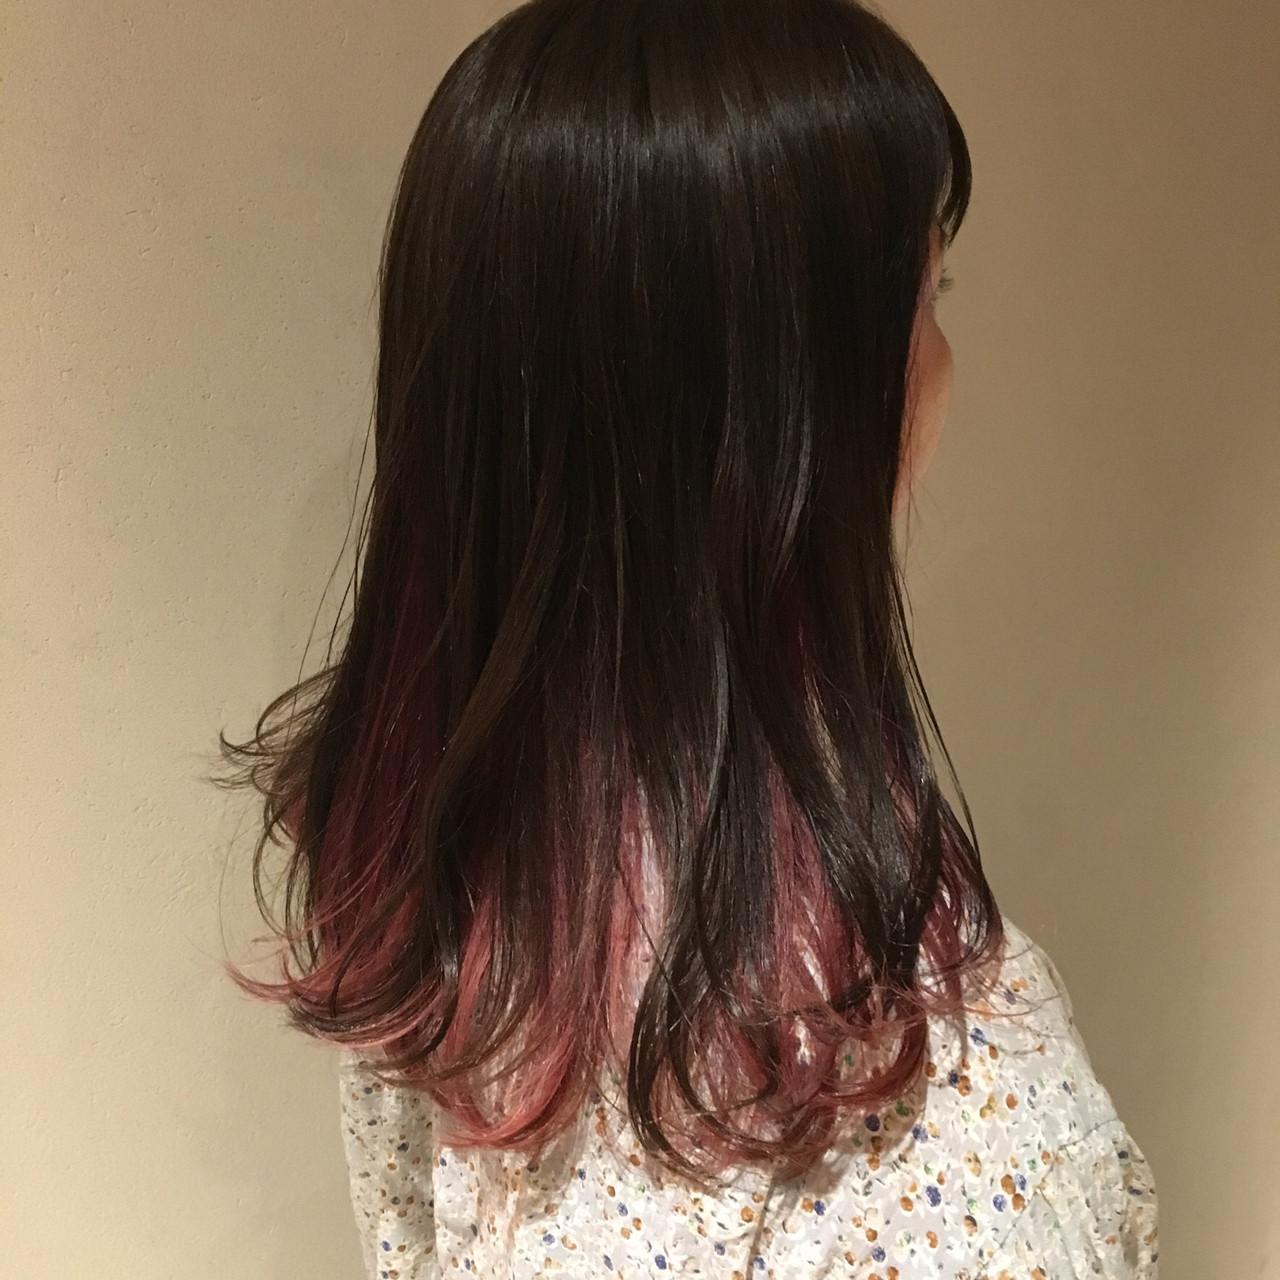 ピンクラベンダー ピンクアッシュ セミロング ストリート ヘアスタイルや髪型の写真・画像